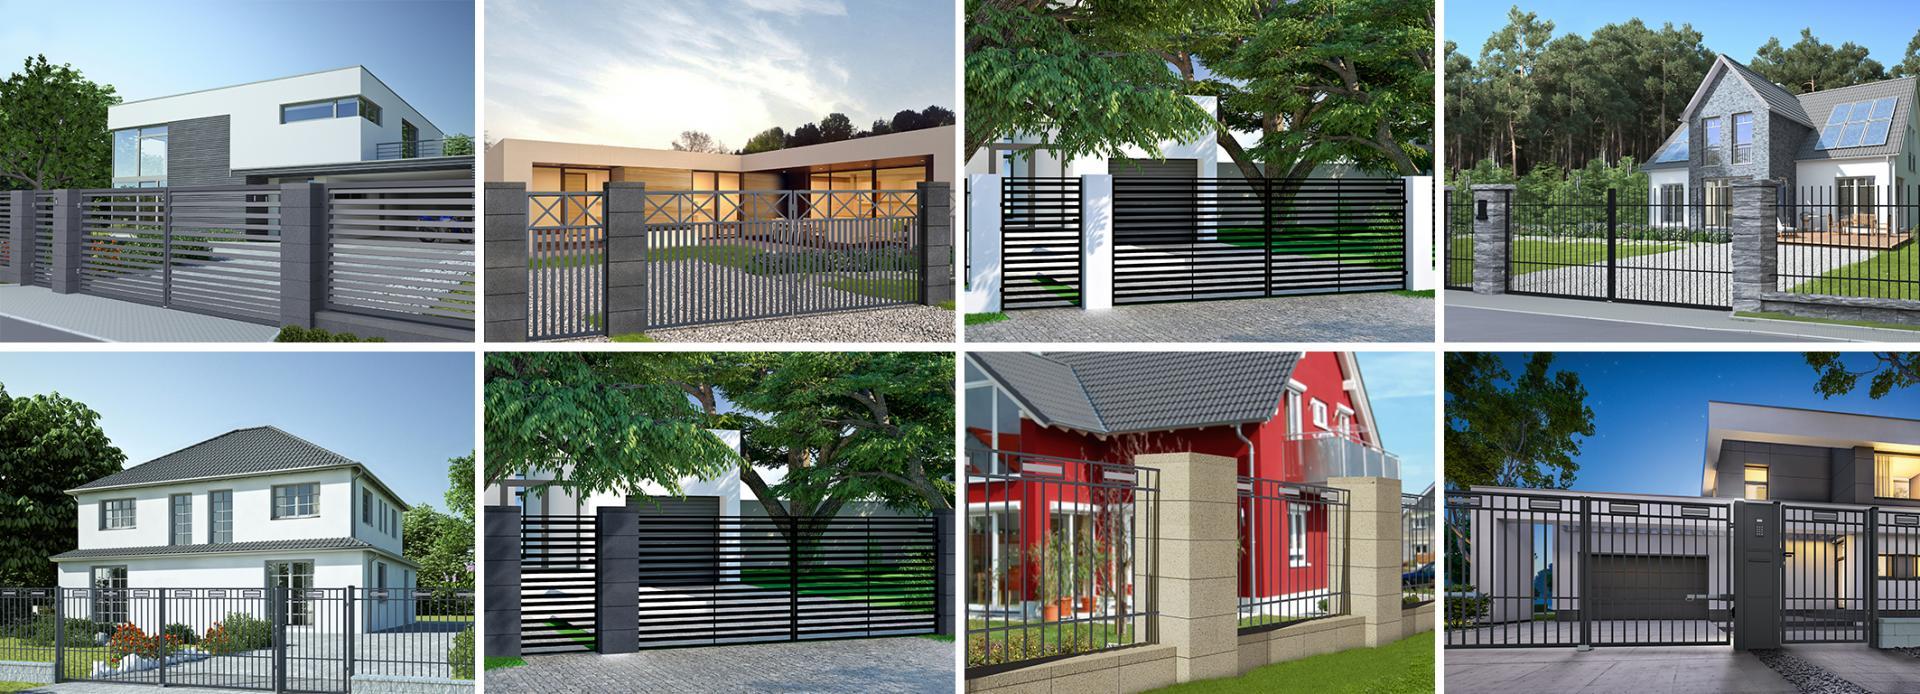 Nowoczesne systemy ogrodzeń i bram wjazdowych. Funkcjonalne, trwałe i estetyczne.